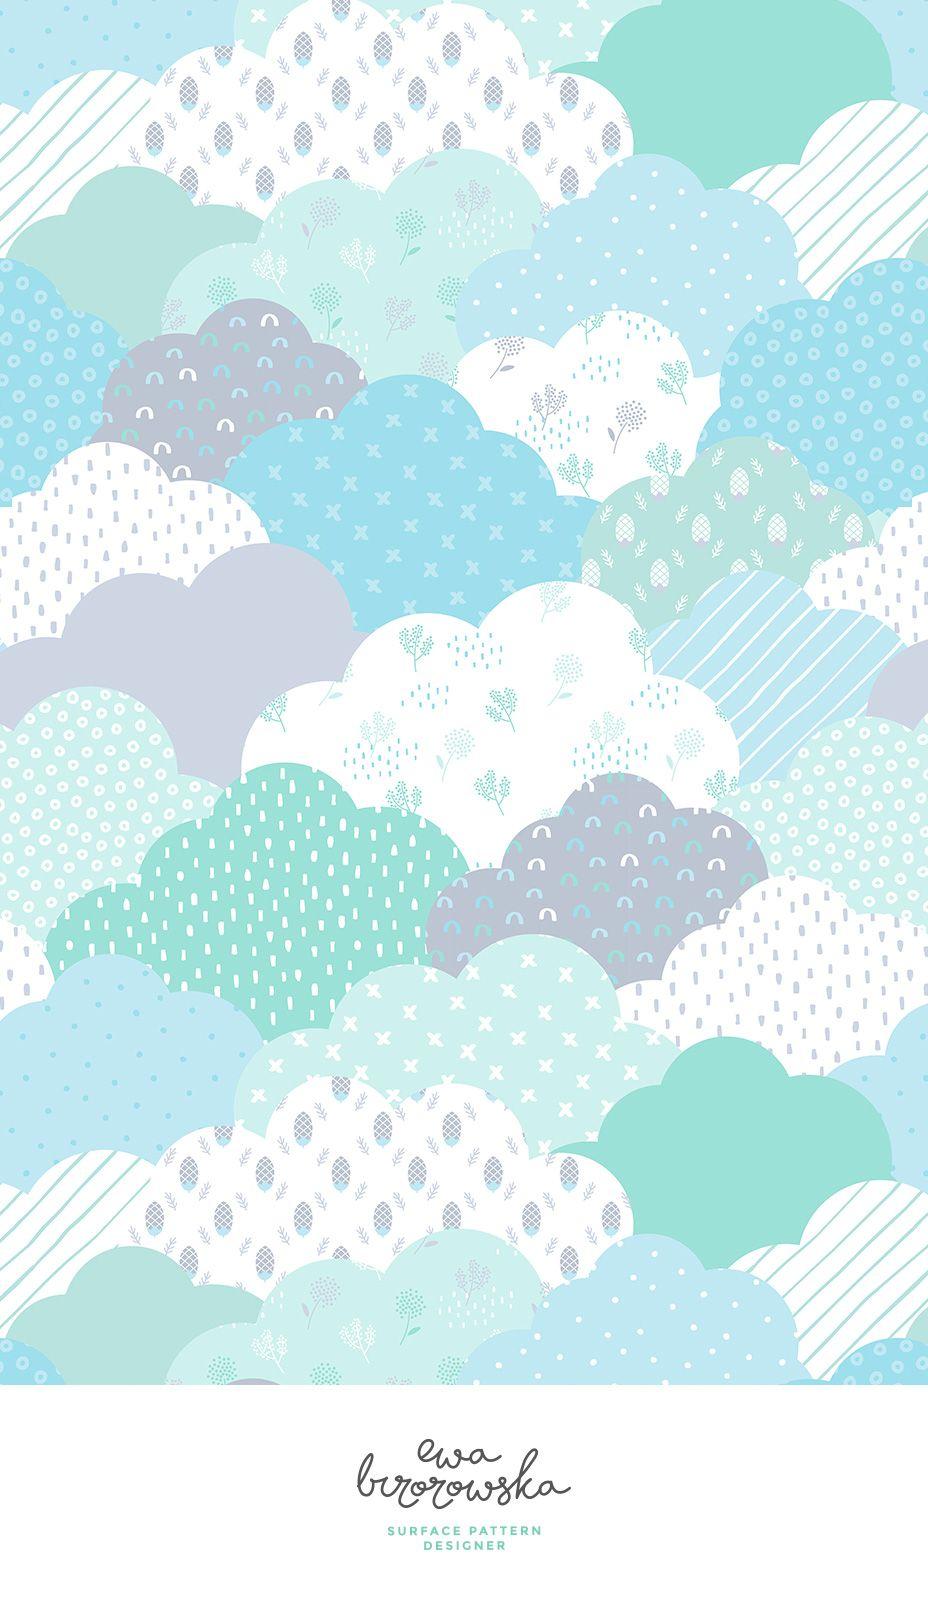 Ewa Brzozowska - Surface Pattern Designer